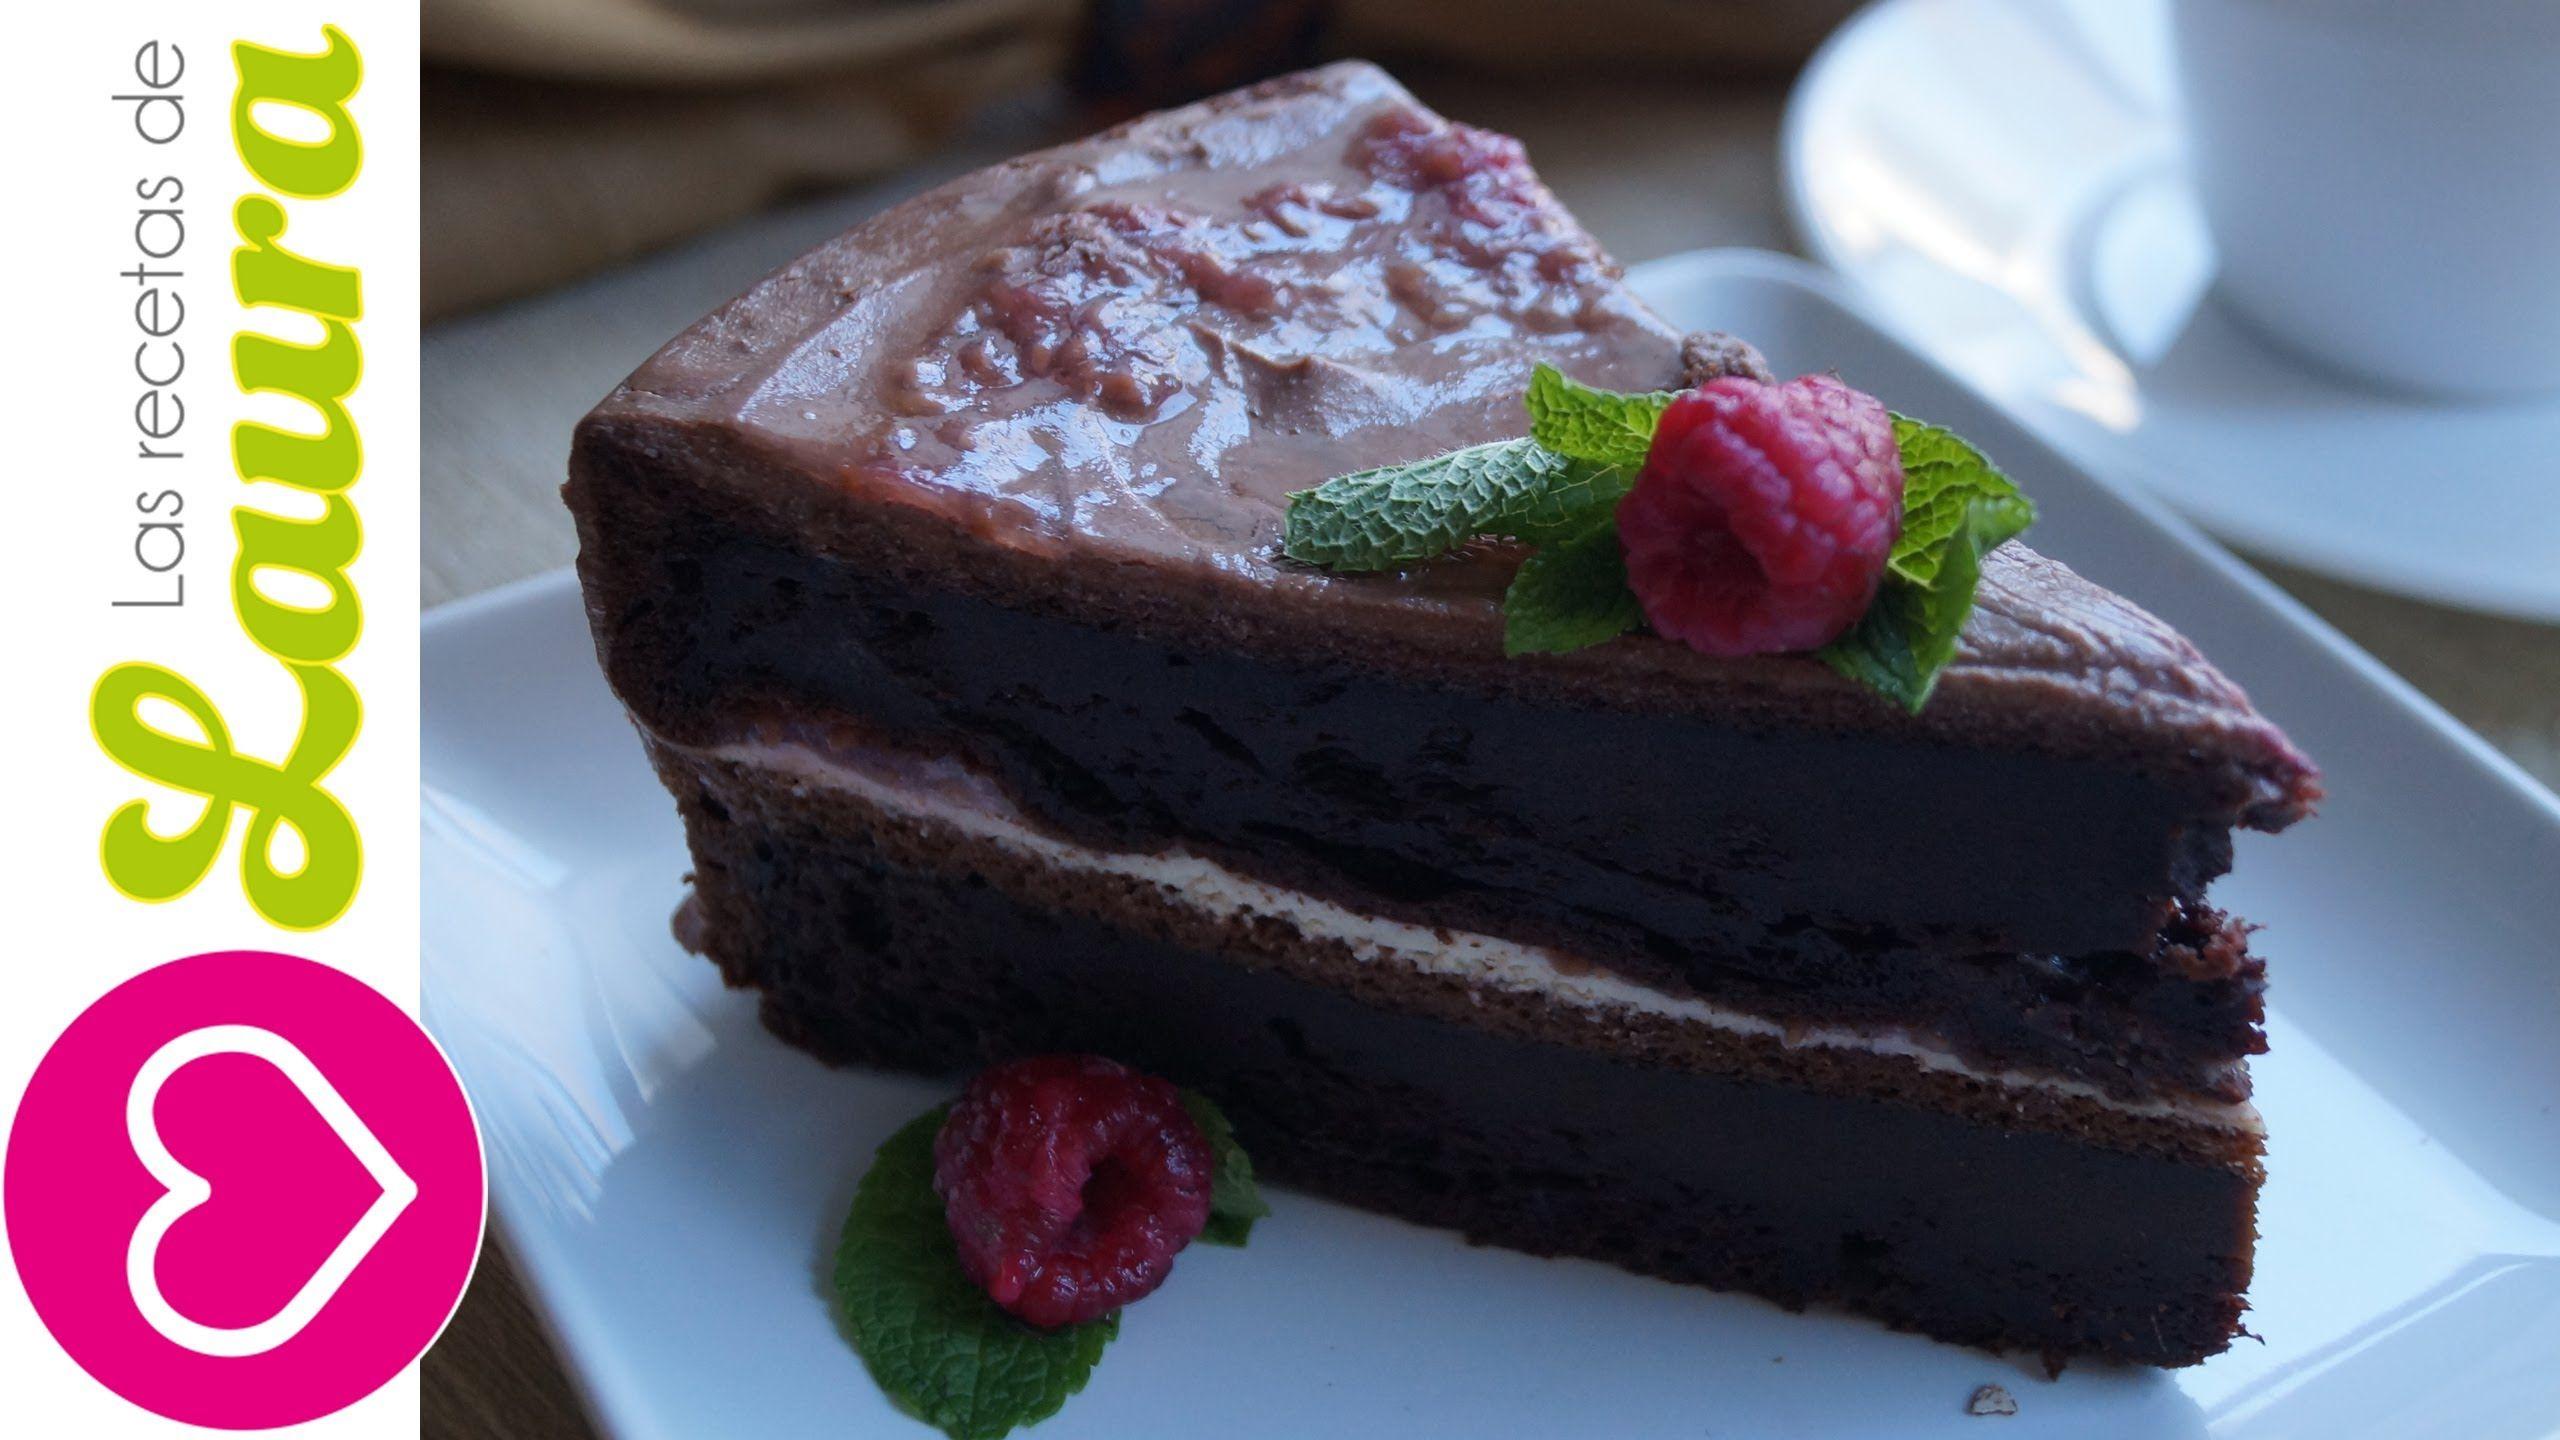 Receta F Cil De Pastel De Chocolate Postres Saludables Recetas  ~ Recetas Faciles Para Cenar  Ninos